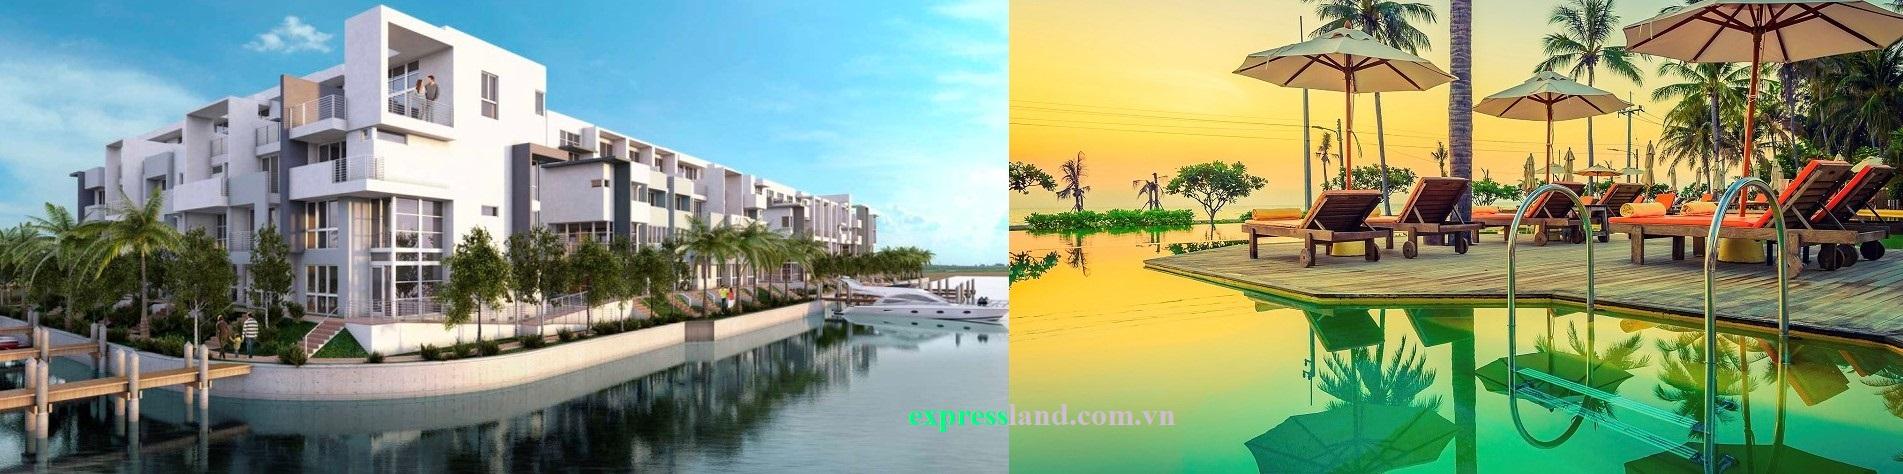 Phu dong Riverside expesslandcomvn